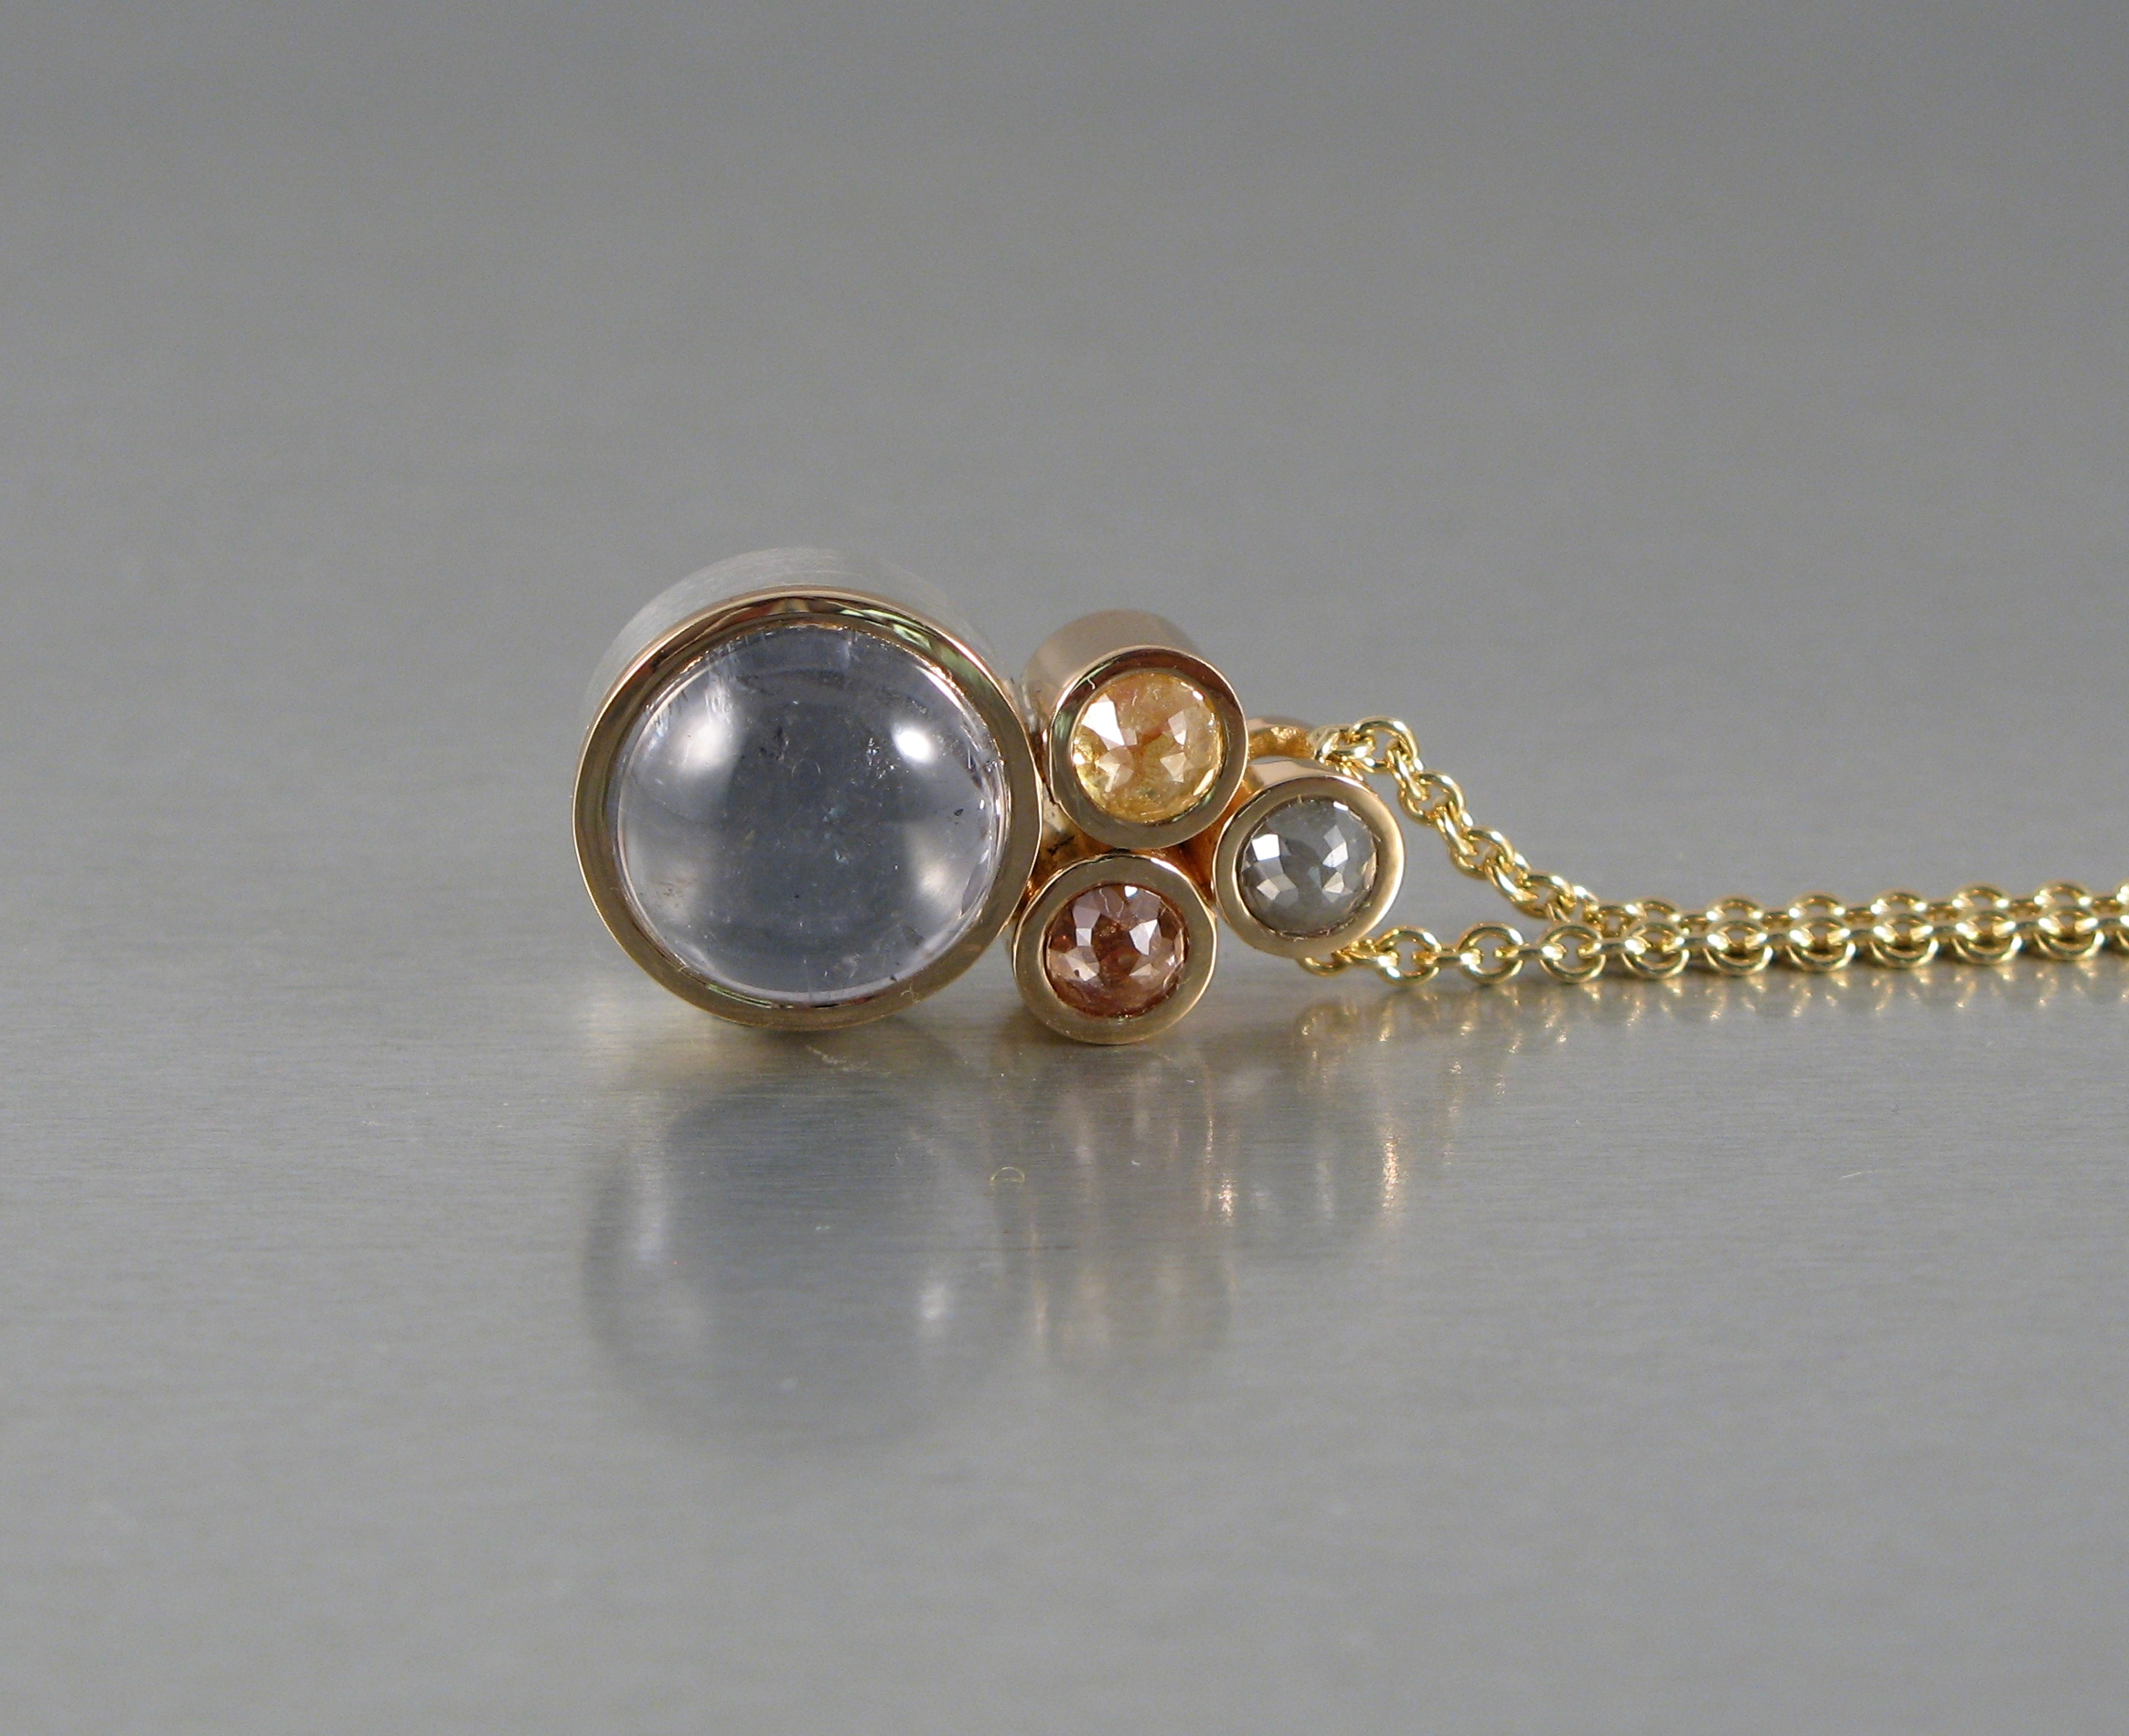 Hänge, silver, guld, turmalin och naturfärga- de rosenslipade diamanter